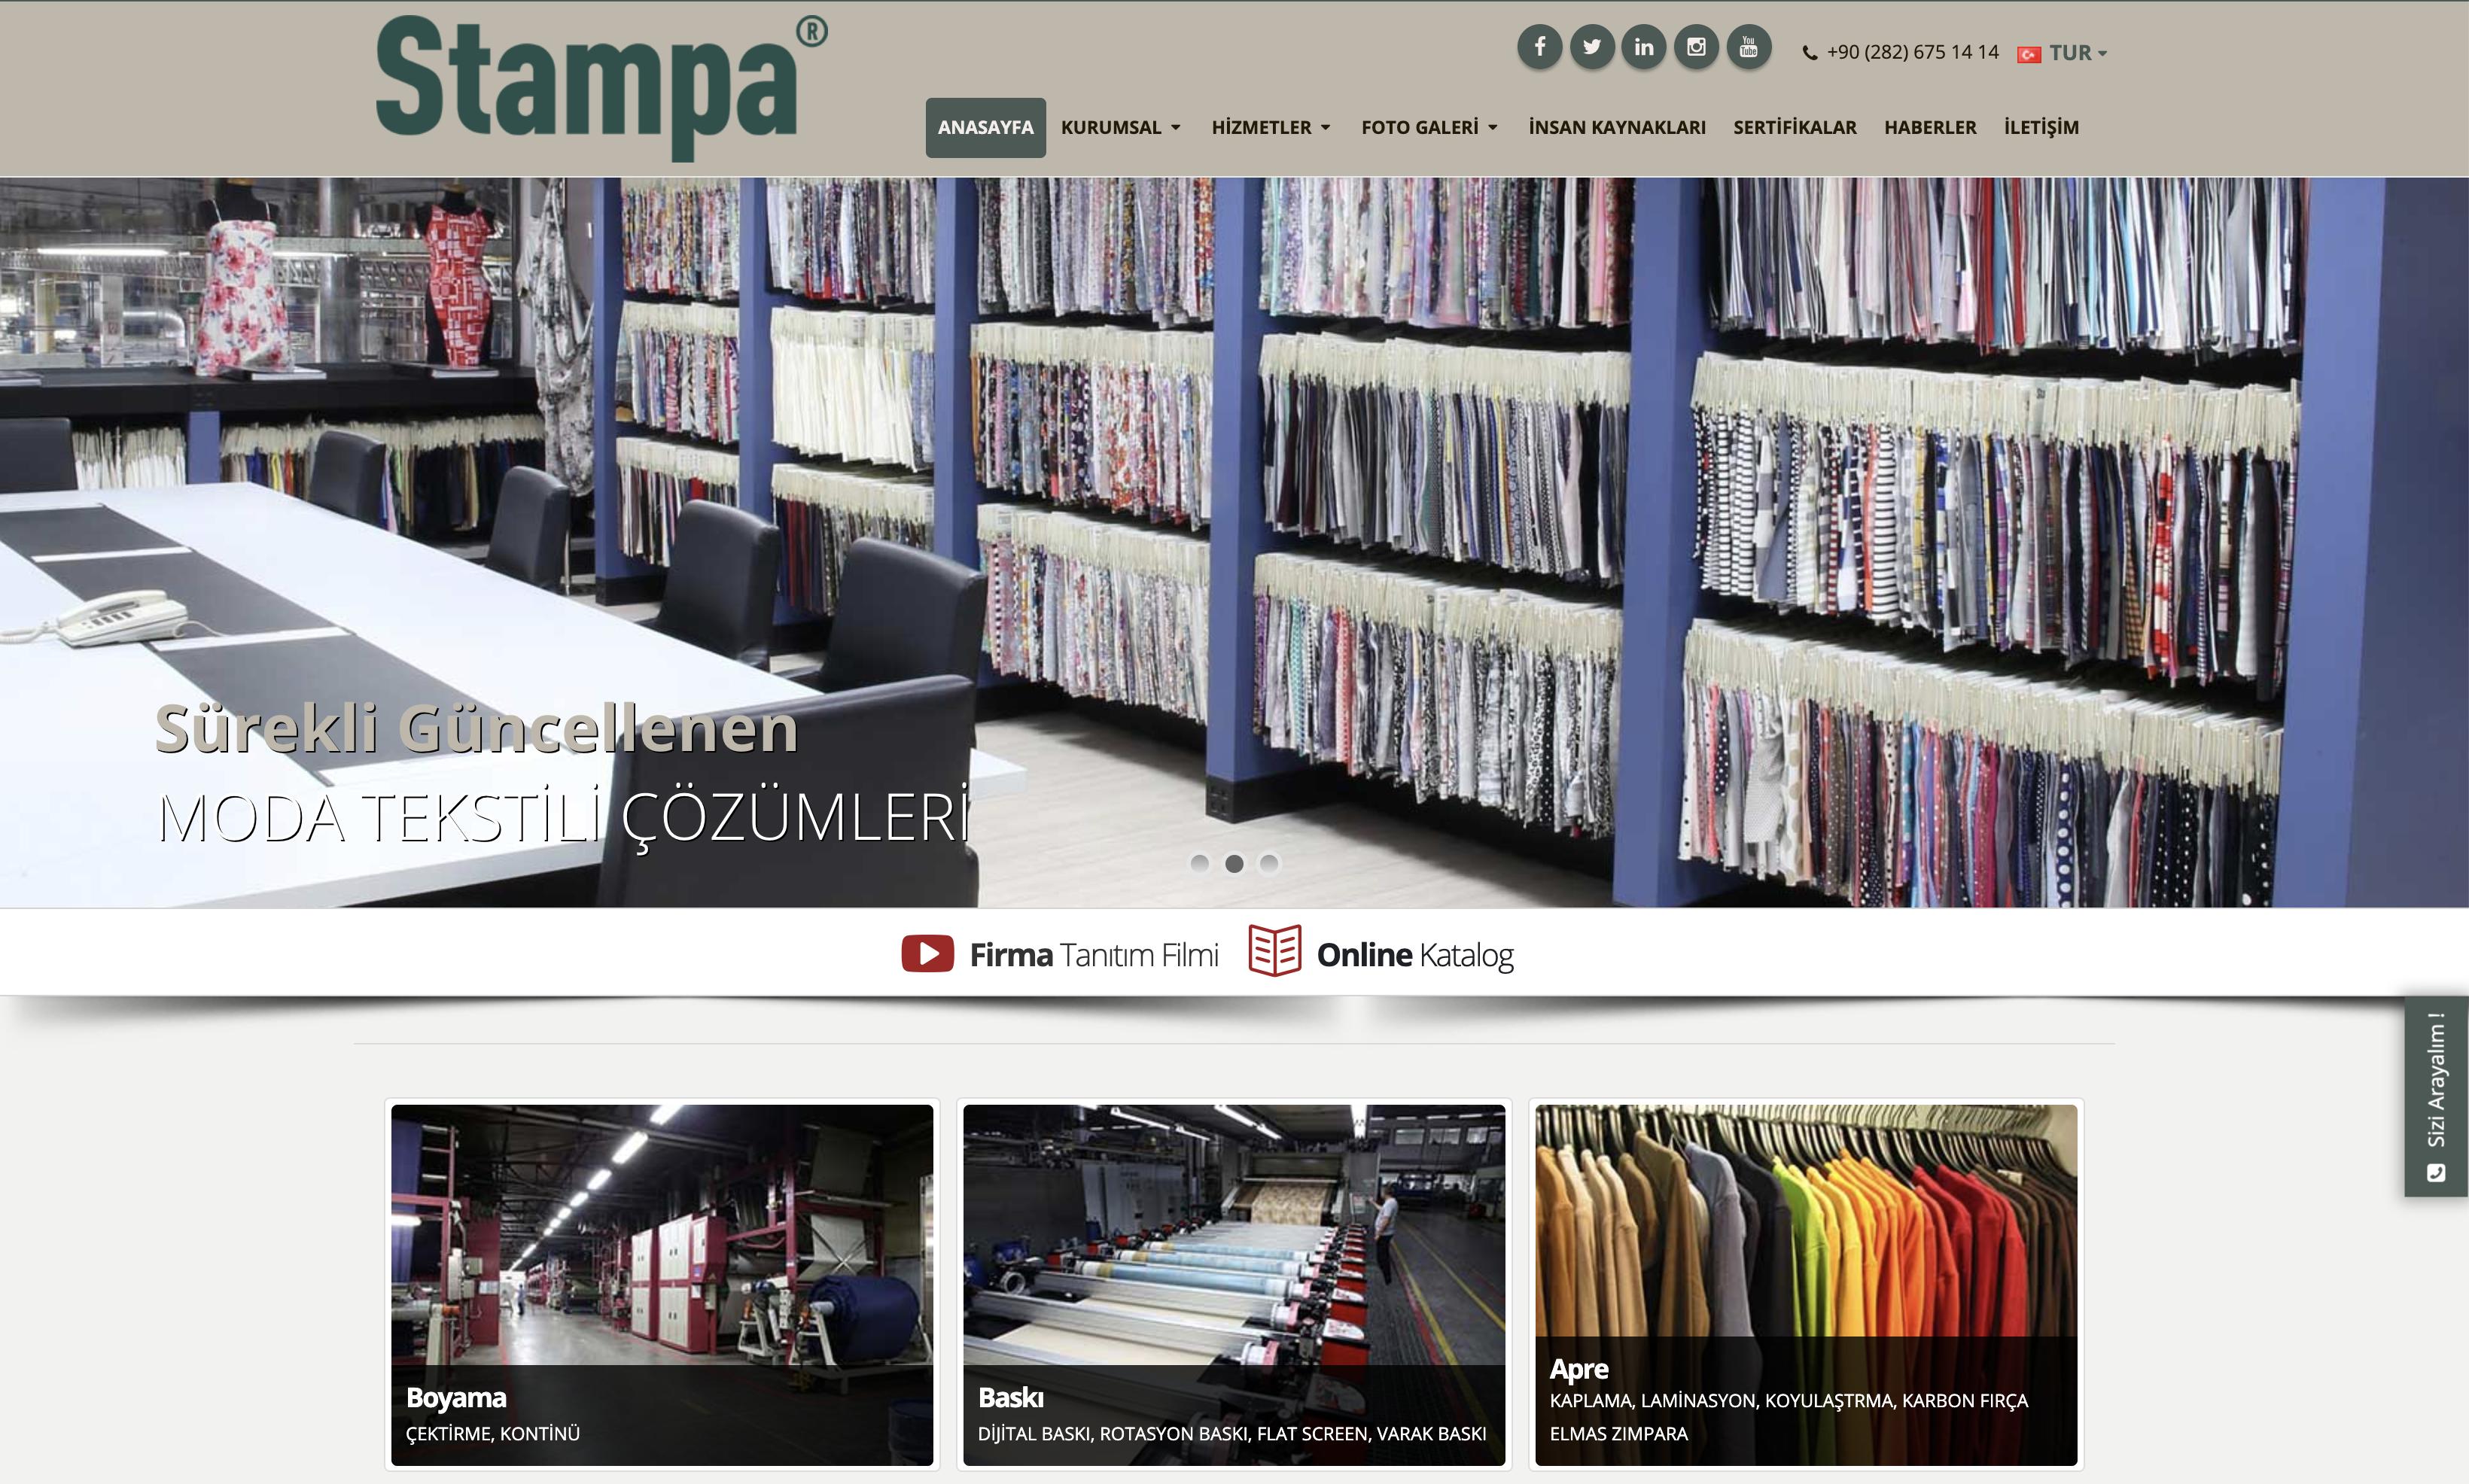 Öztek Tekstil  Yeni Web Sitesi Yayına Girmiştir.